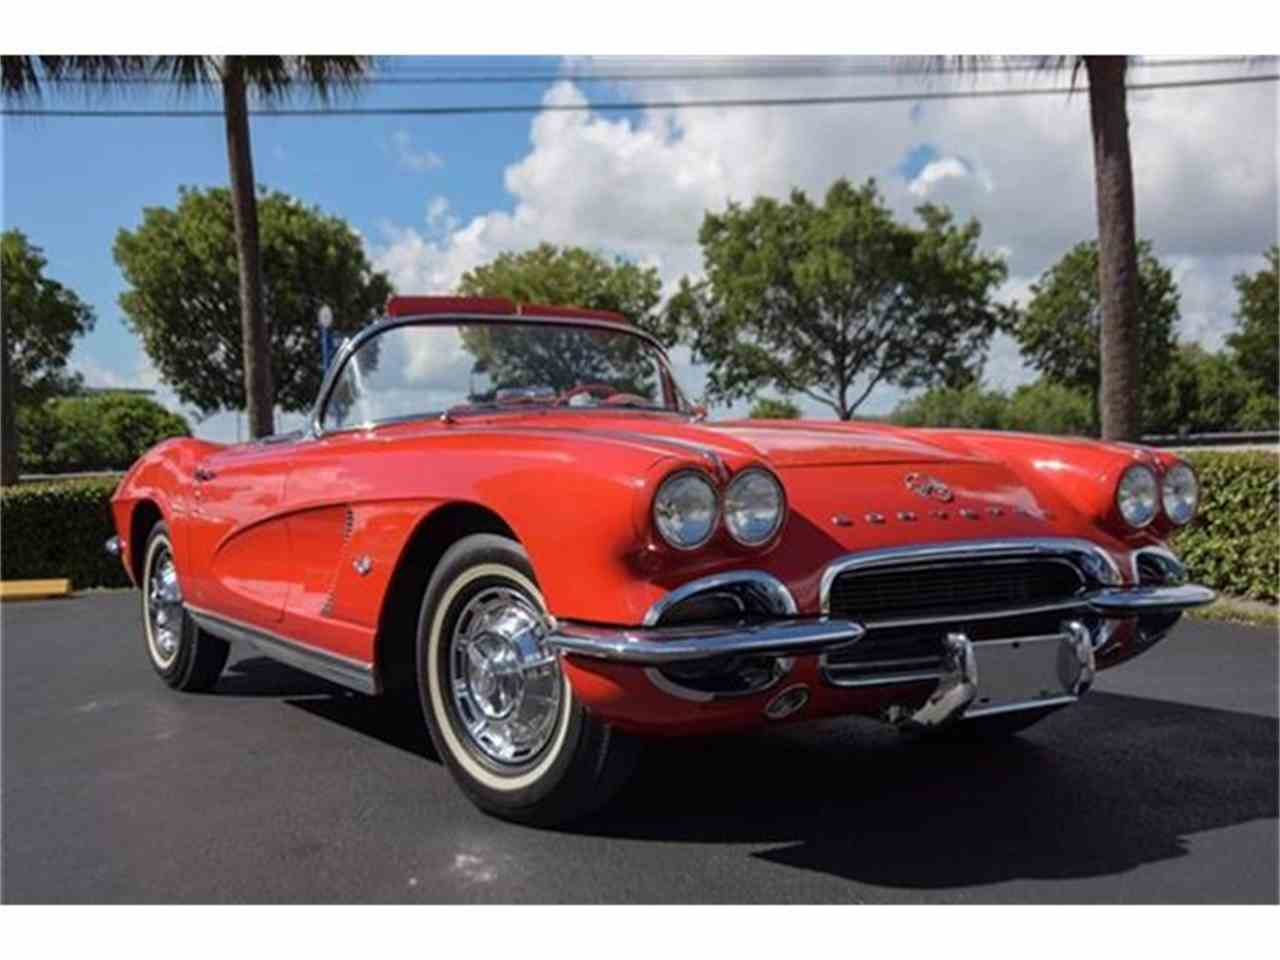 1957 chevrolet corvette for sale on classiccars com 31 - 1962 Chevrolet Corvette 698159